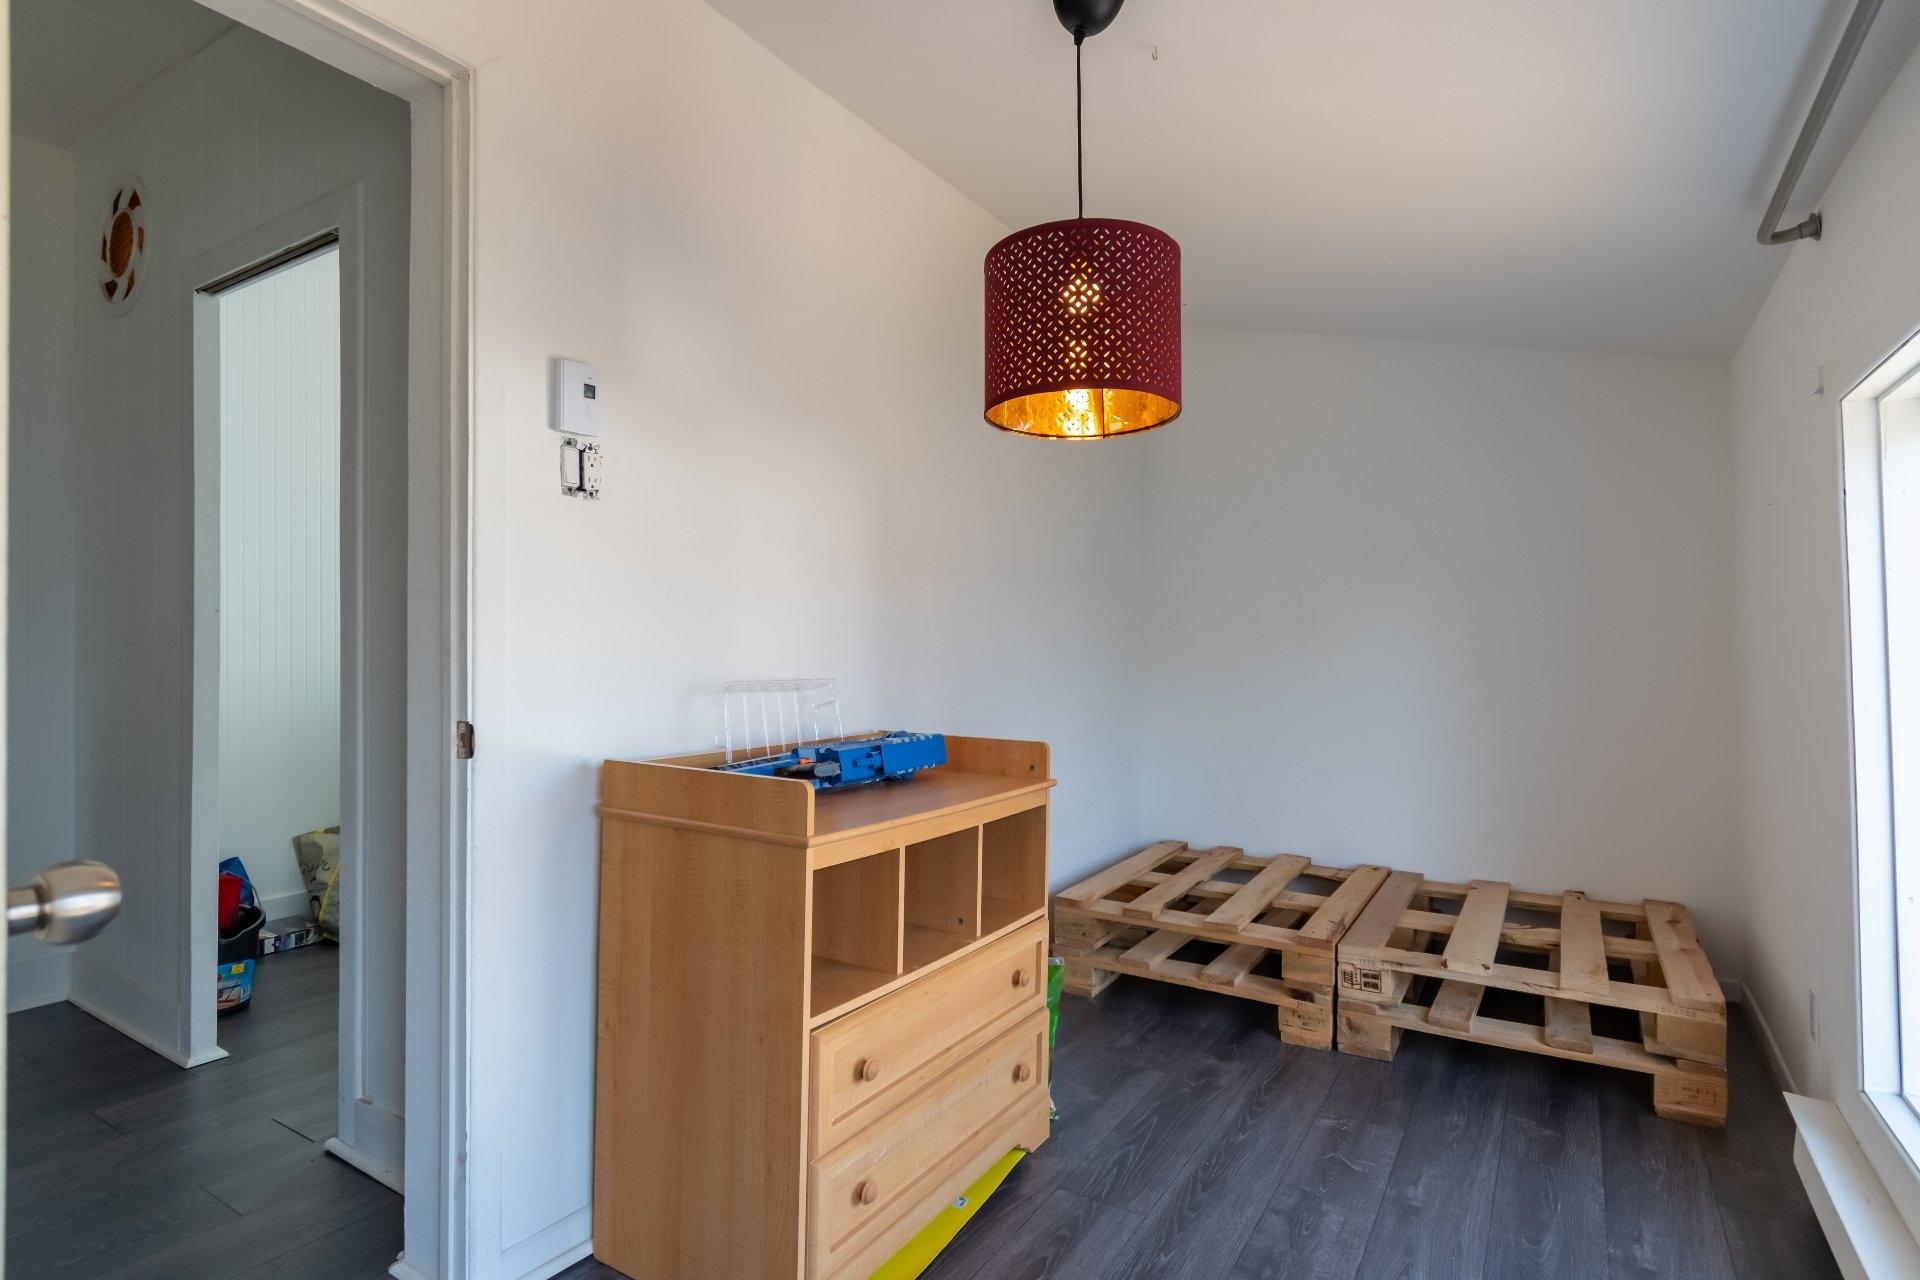 image 27 - Duplex For sale Trois-Rivières - 4 rooms